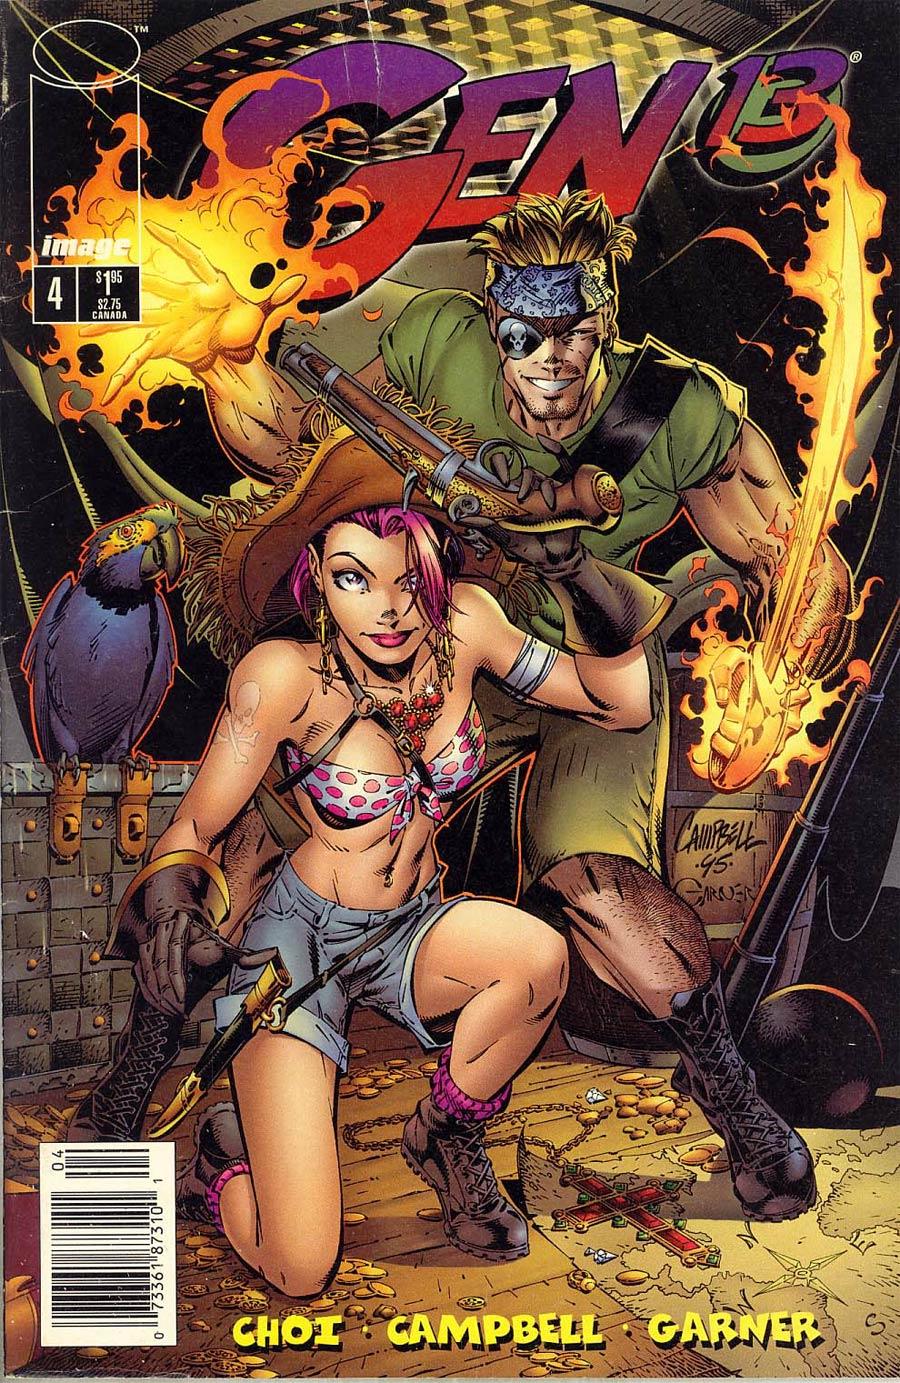 Gen 13 Vol 2 #4 Cover B Newsstand